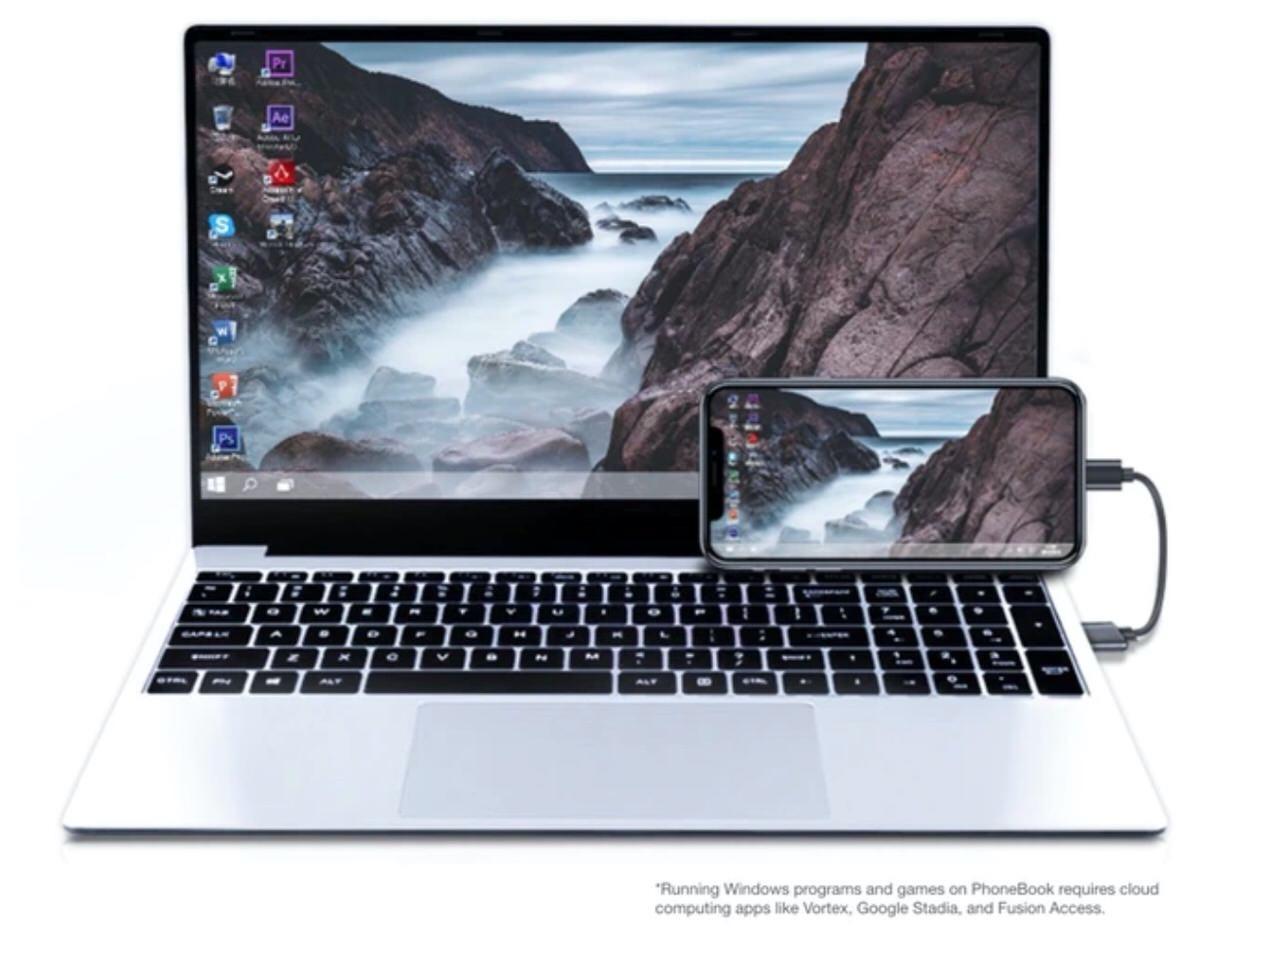 どんなスマホでも15.6インチのラップトップPCにしてしまう「PhoneBook」は169ドル